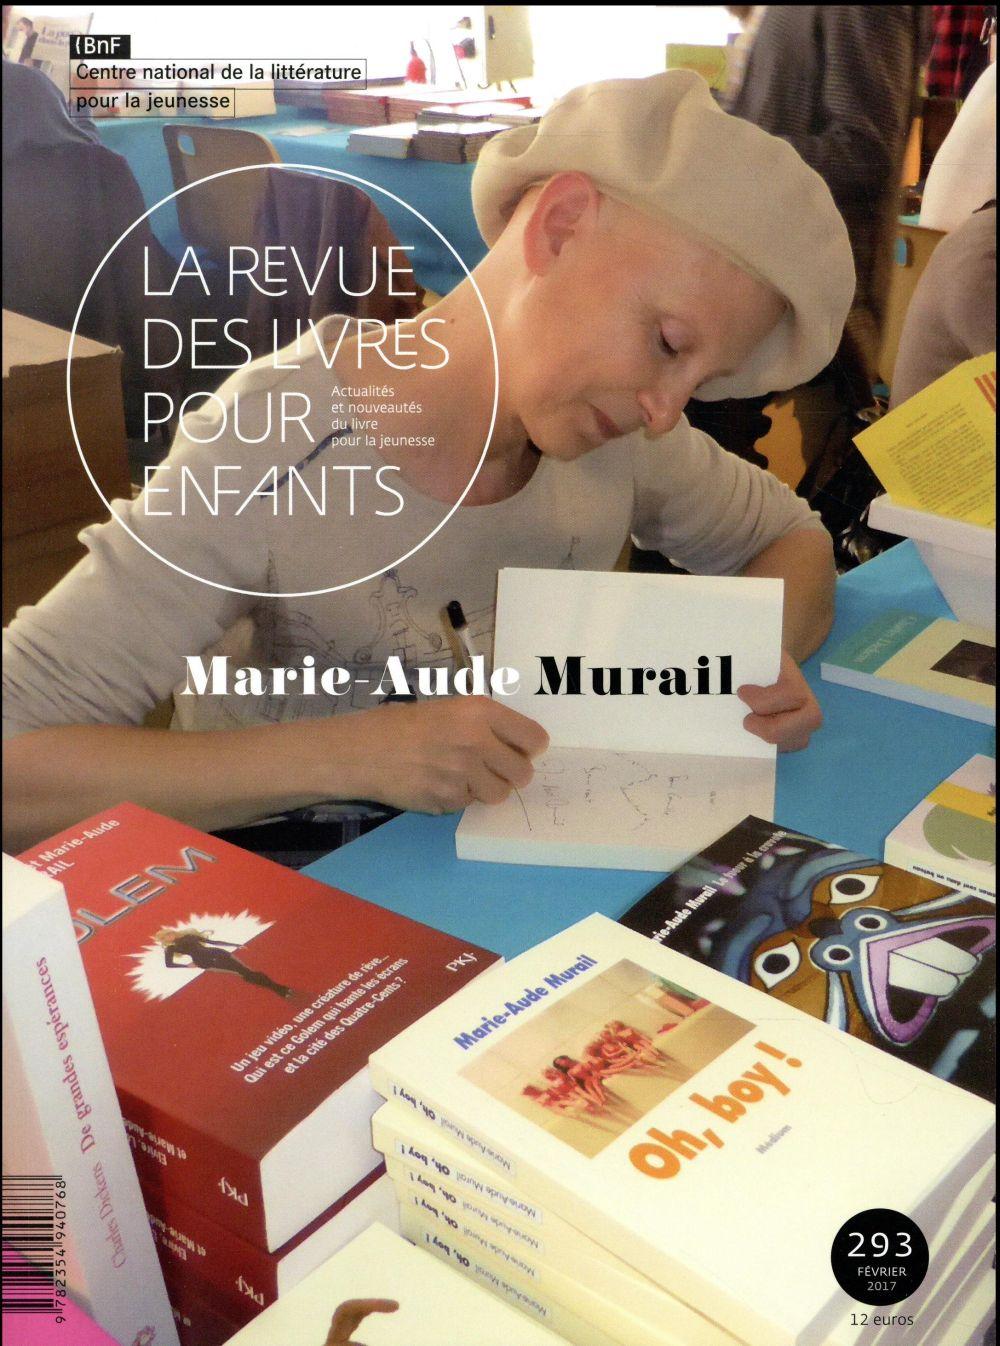 LA REVUE DES LIVRES POUR ENFANTS - MARIE-AUDE MURAIL